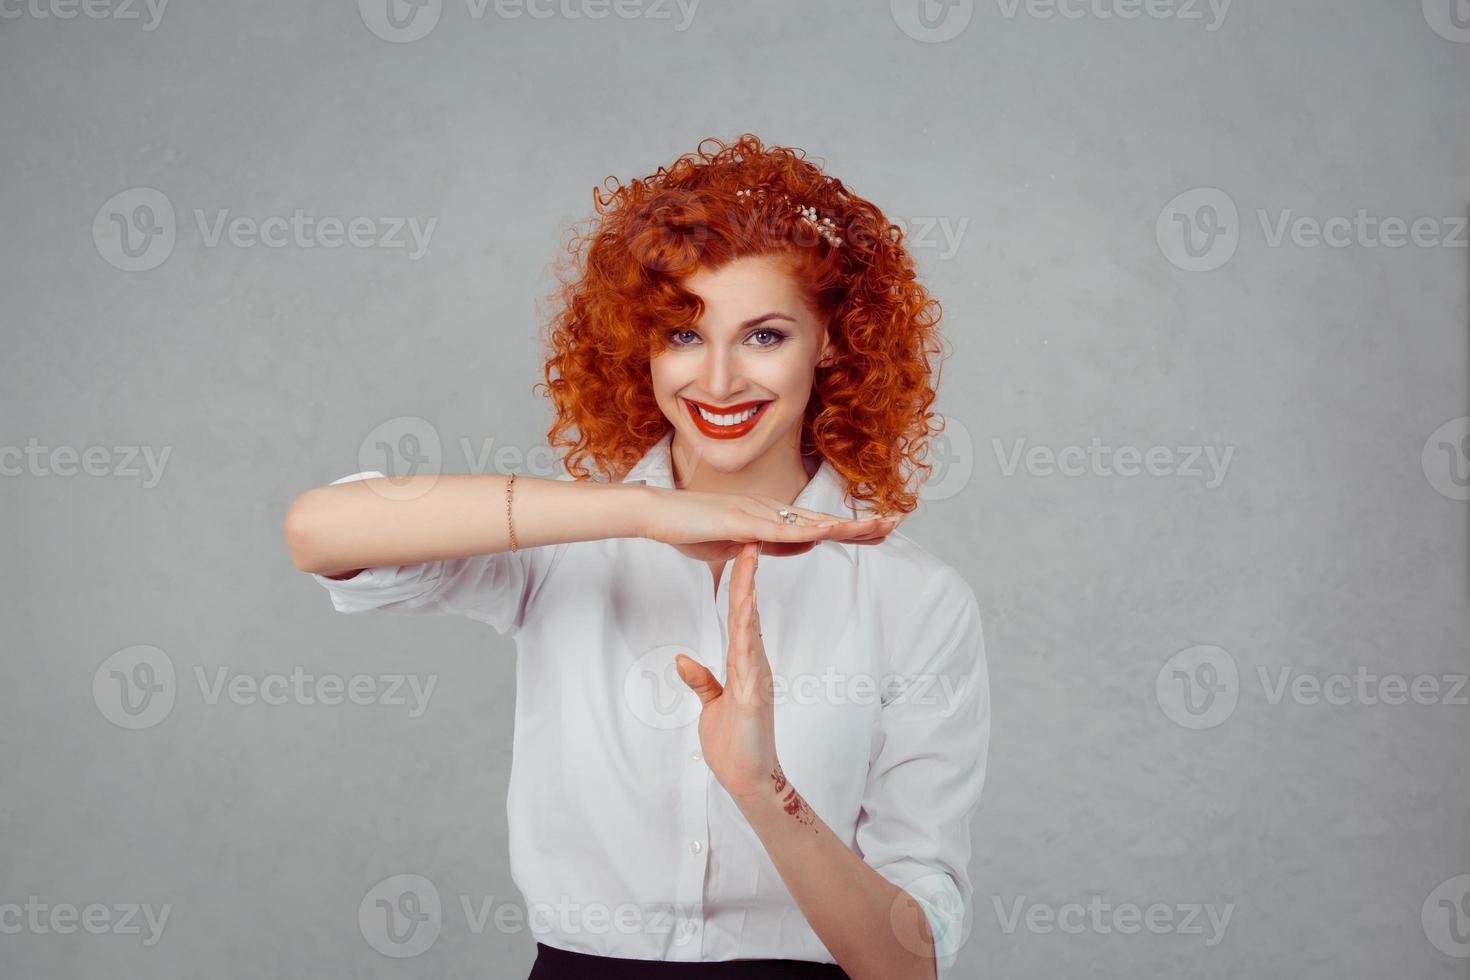 temps libre. closeup portrait, jeune, heureuse, femme souriante montrant le geste de délai d'expiration avec les mains isolés sur fond de mur gris. émotions faciales d'émotions humaines positives, sensation de réaction au langage corporel photo